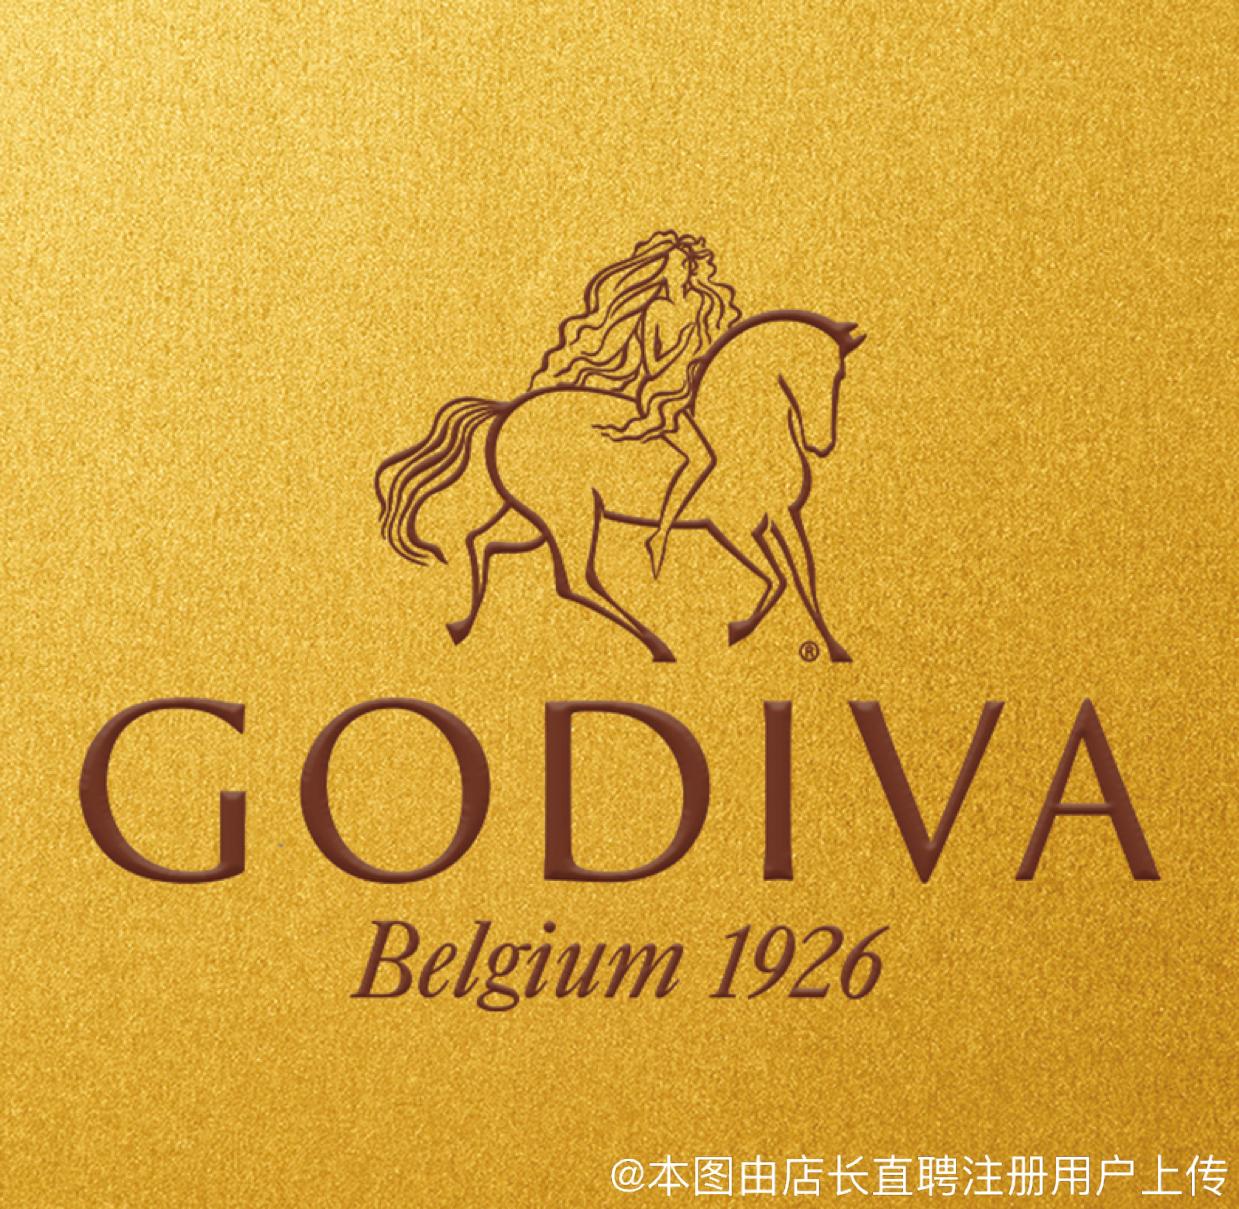 歌帝梵(上海)食品商贸有限公司西安第四分公司